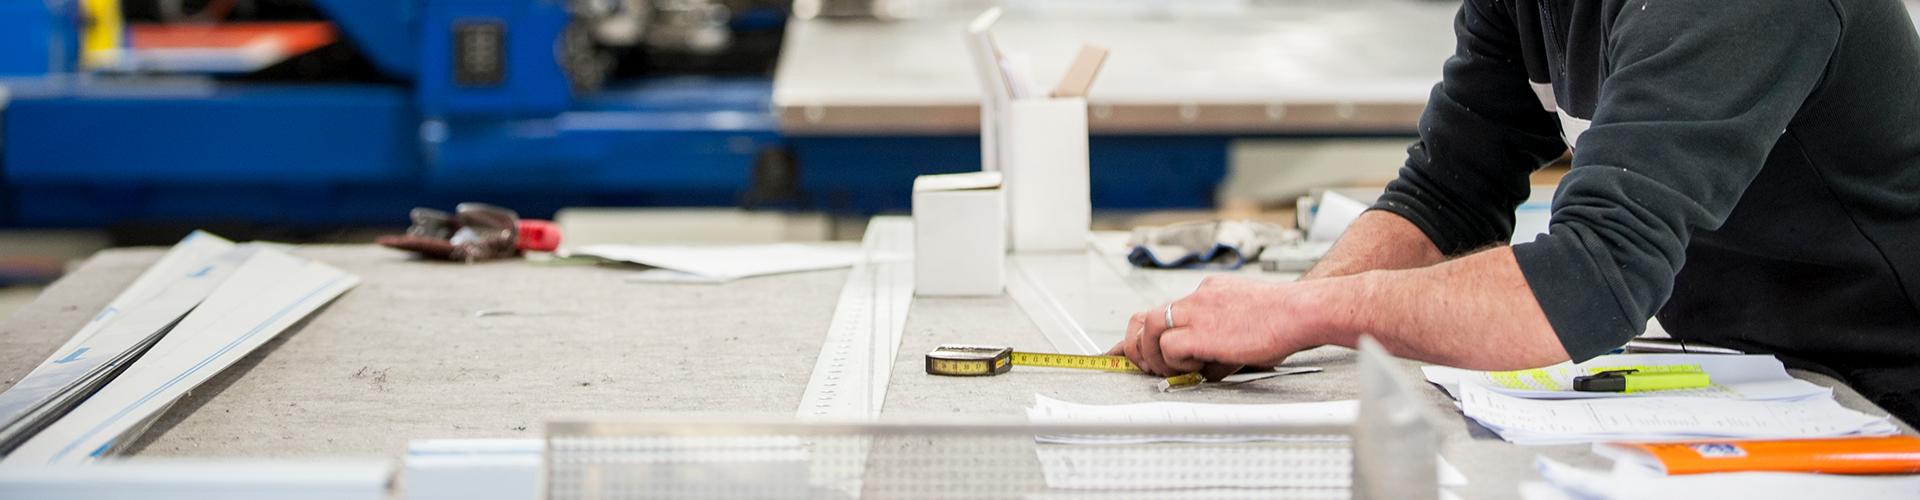 atelier SPENLE de fabrication de portes pour professionnels